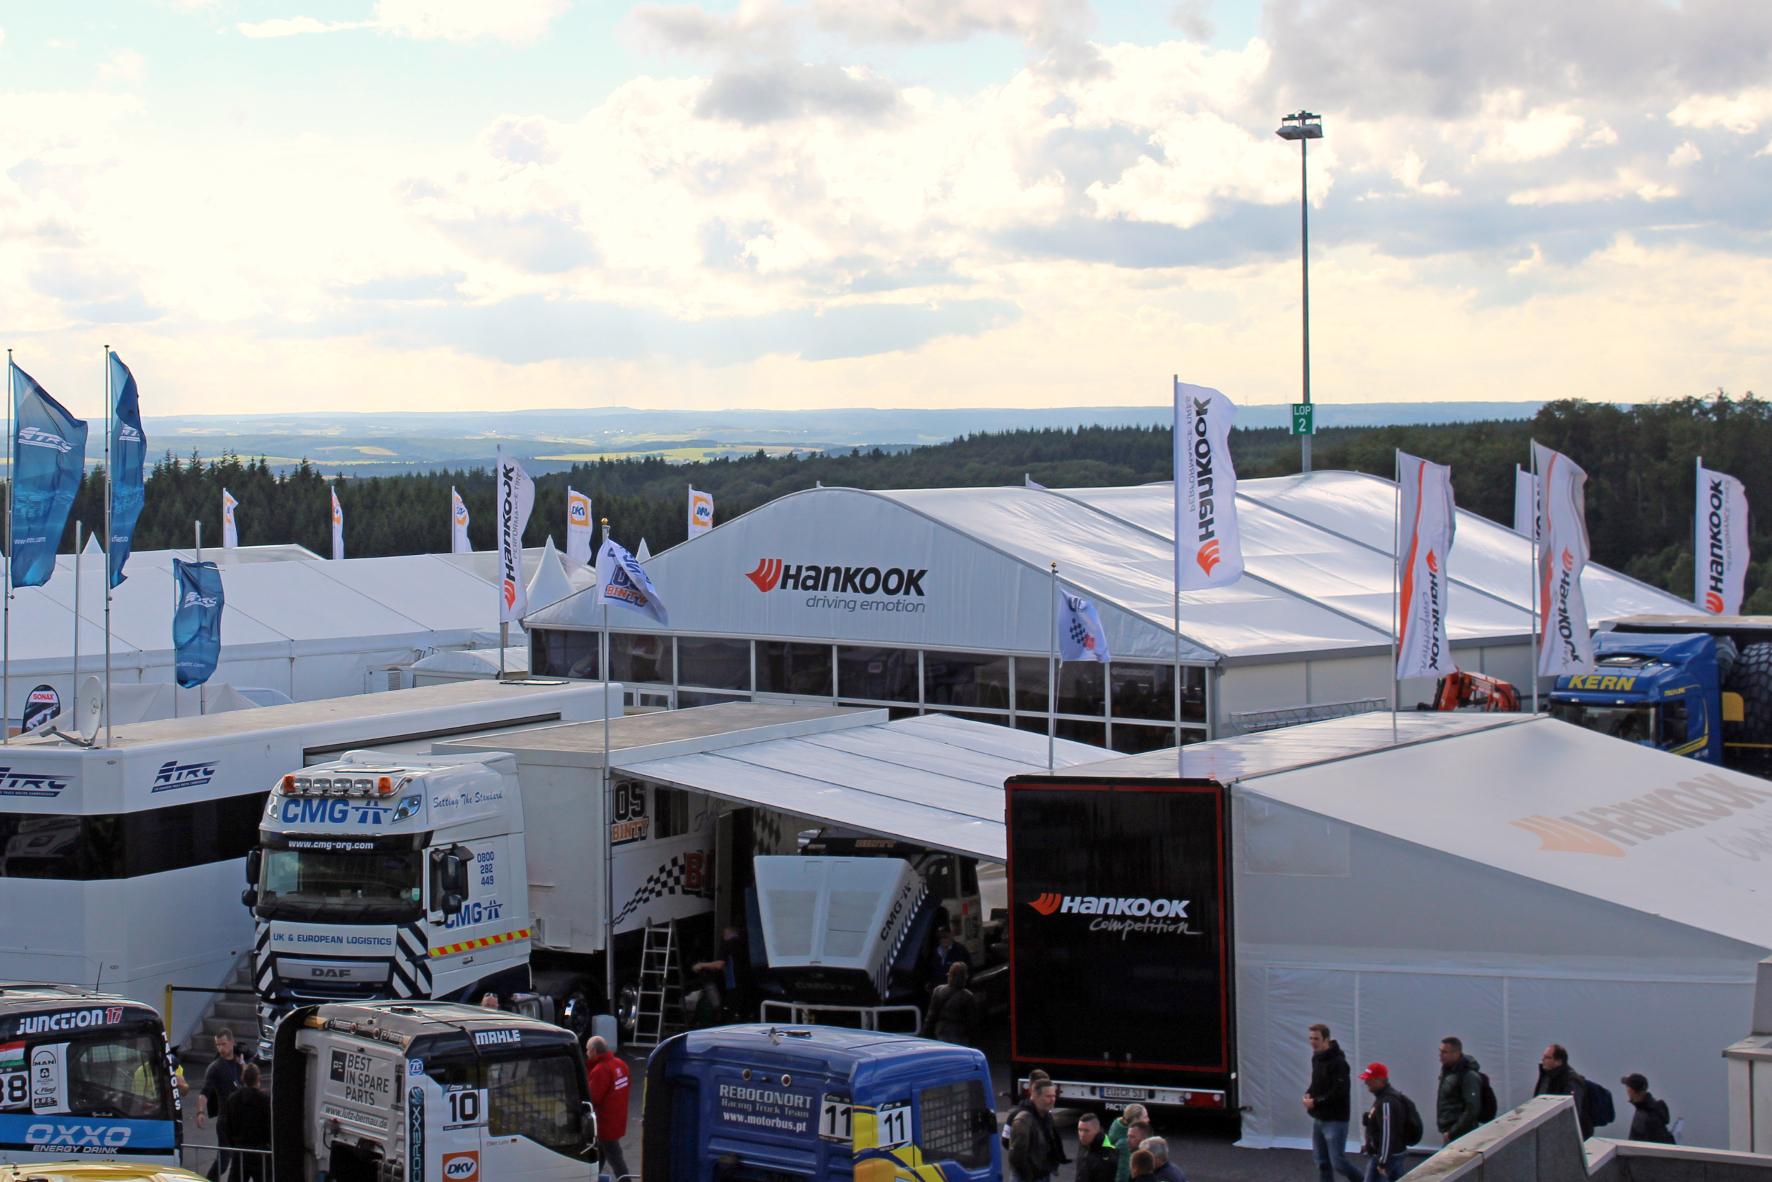 mid Groß-Gerau - Hankook ist beim Truck-Grand-Prix auf dem Nürburgring seit vielen Jahren eine feste Größe. Hankook